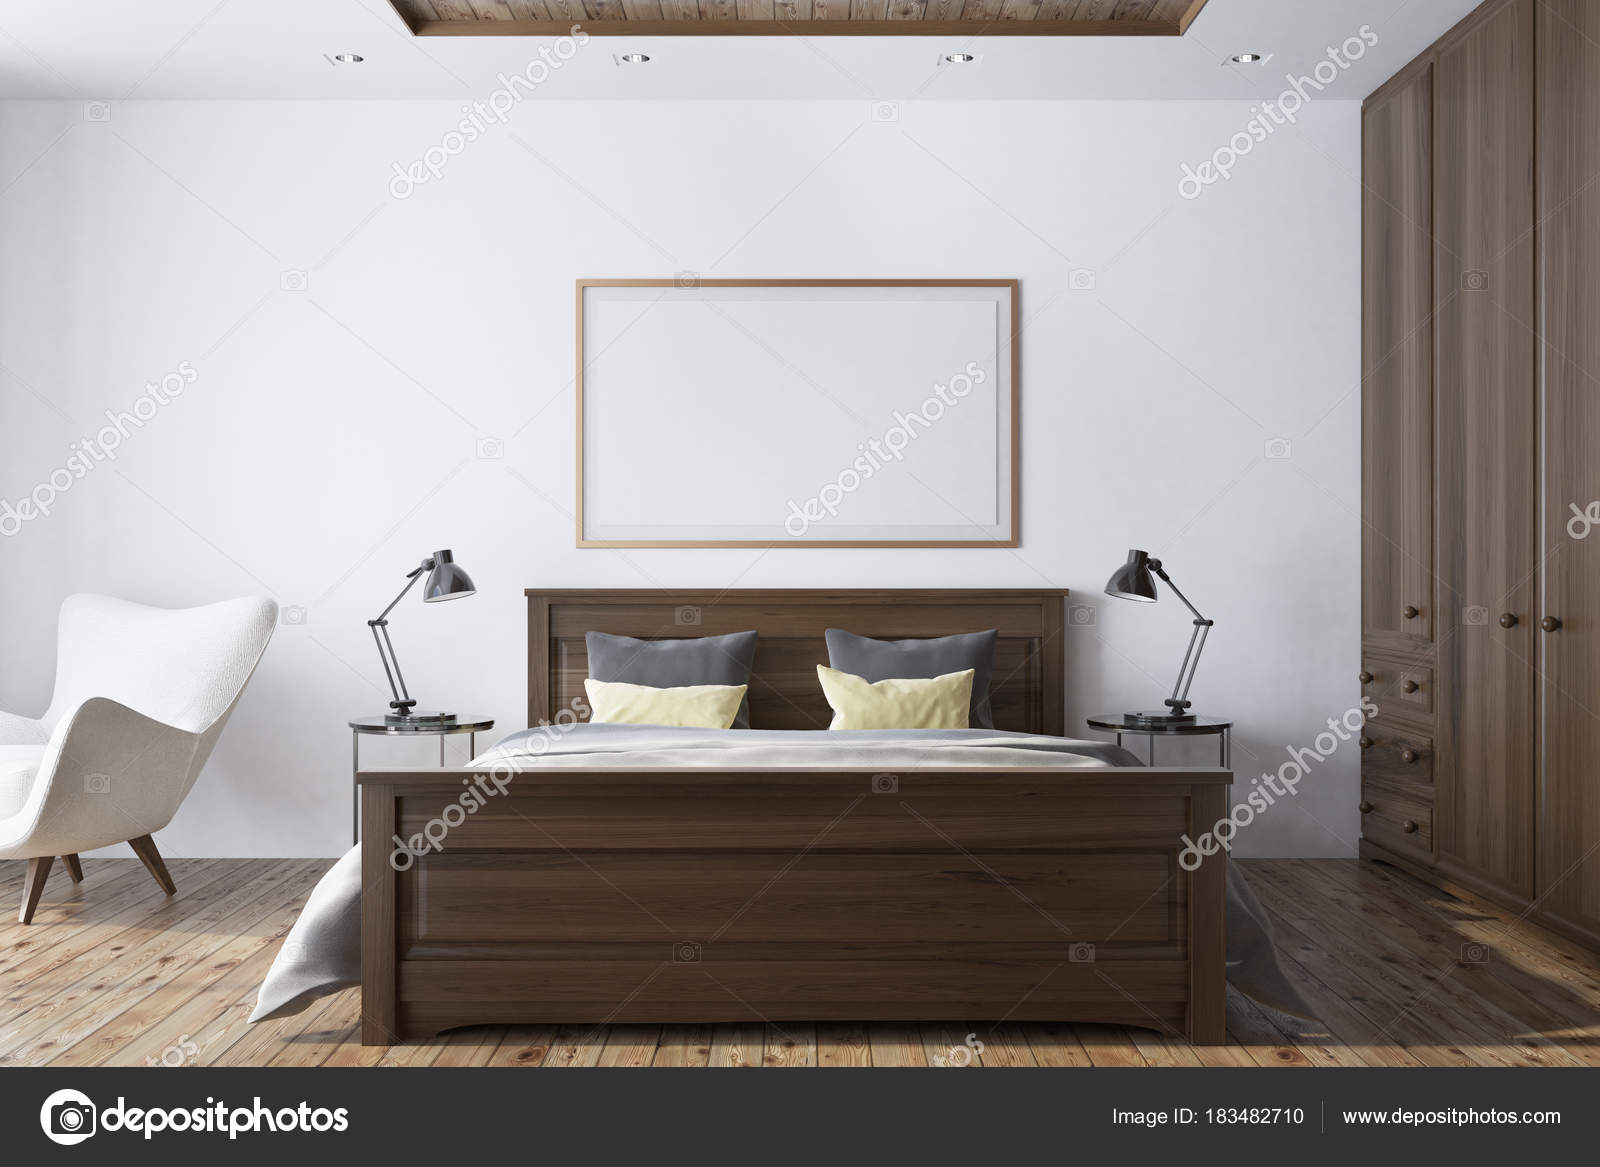 Weisse Schlafzimmer Innenraum Mit Poster Stockfoto C Denisismagilov